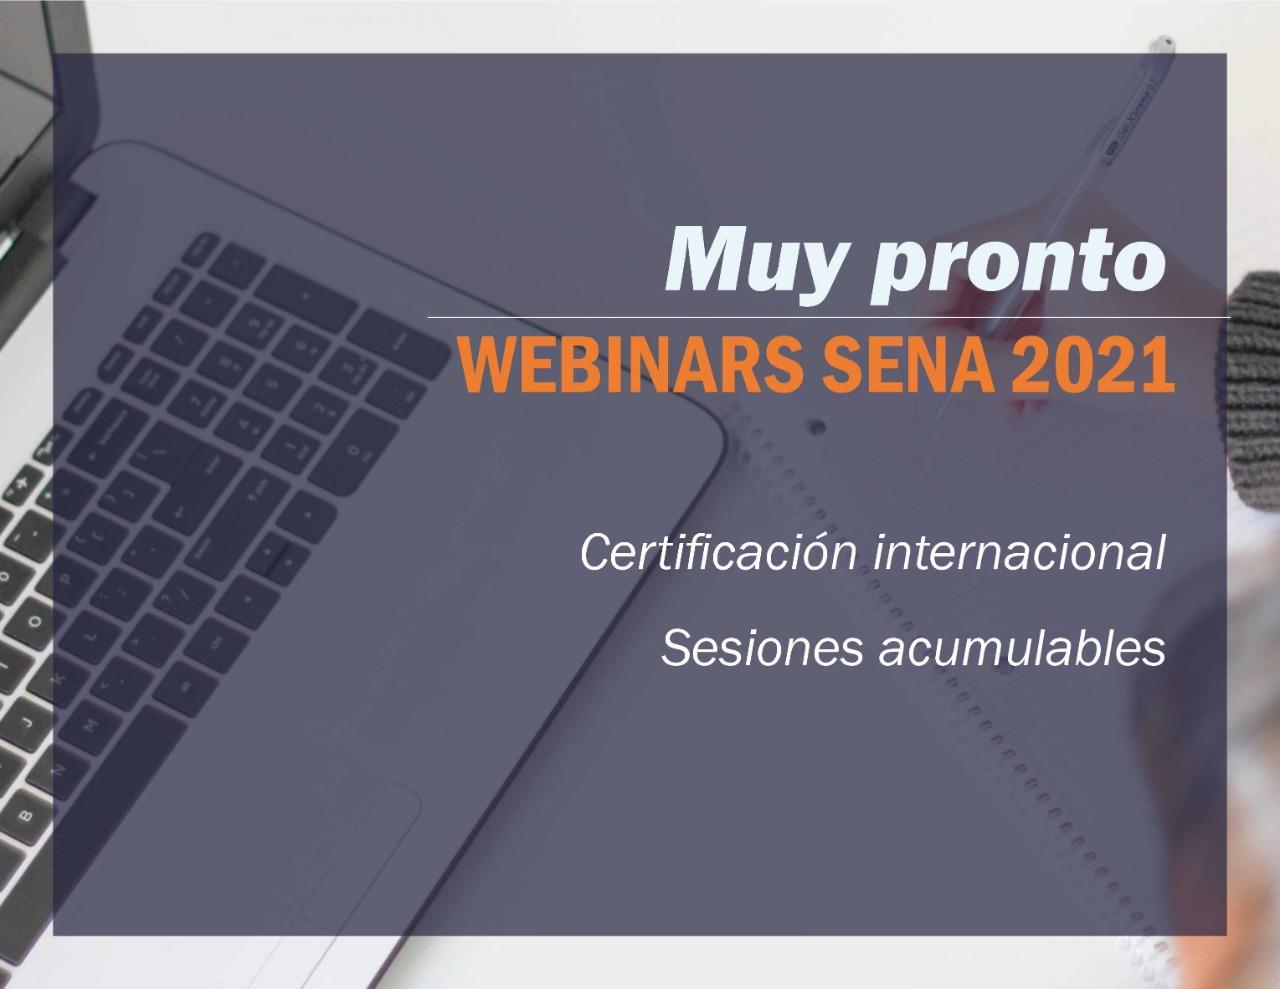 Webinar Sena 2021